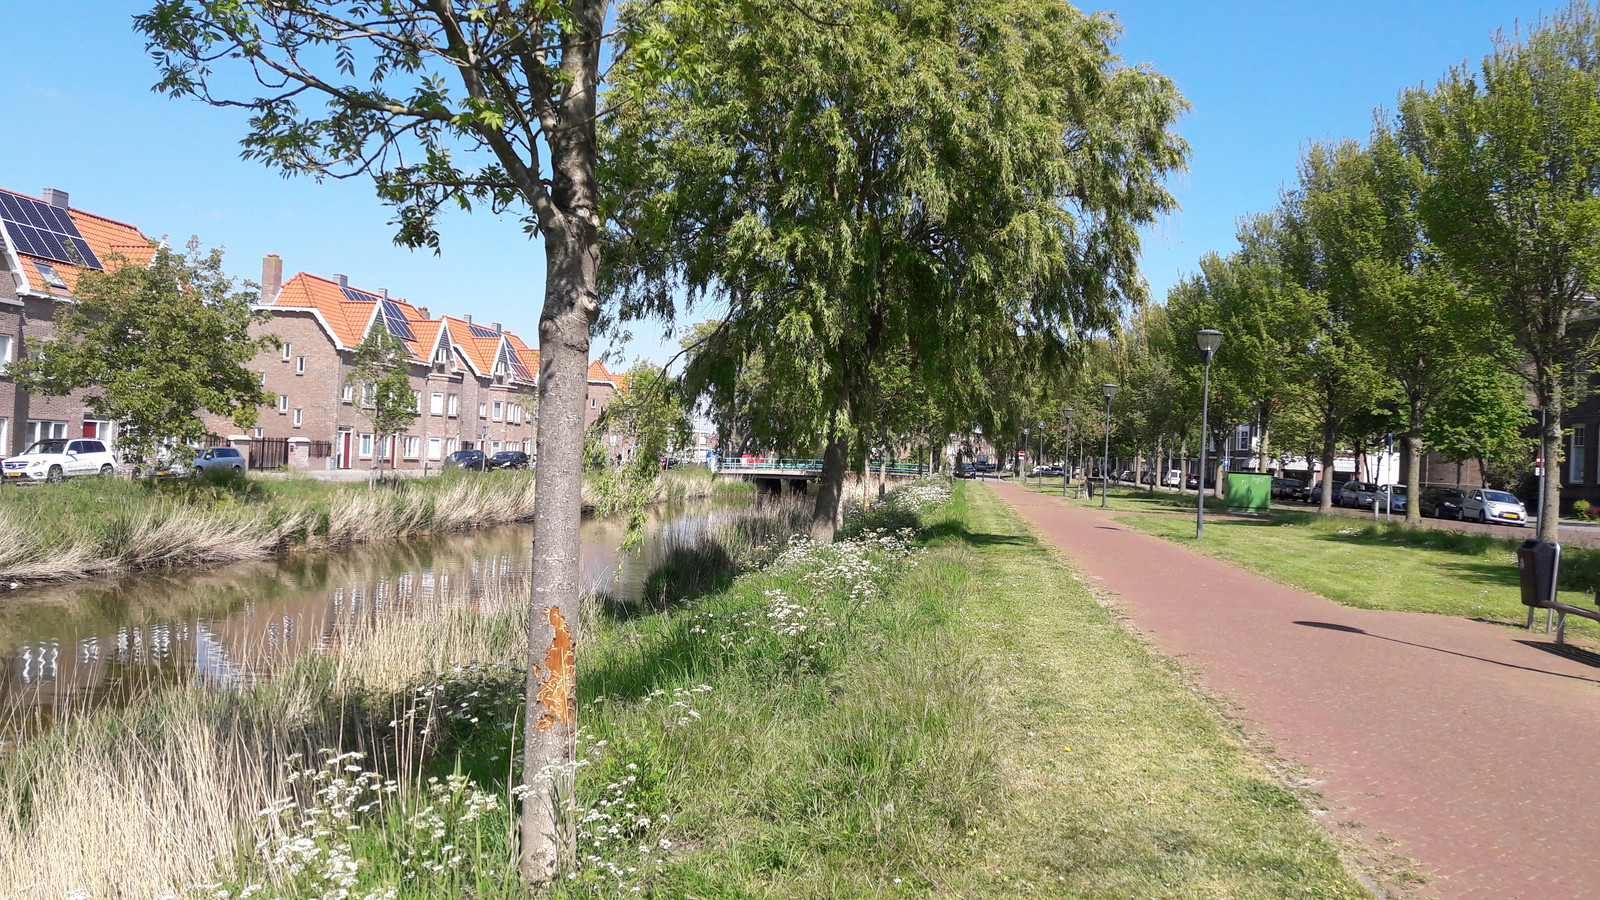 Een boom met vernielde bast aan de Singel ter hoogte van de voormalige katholieke kerk. Meer bomen in rijtjes langs het voetpad zijn flink beschadigd.